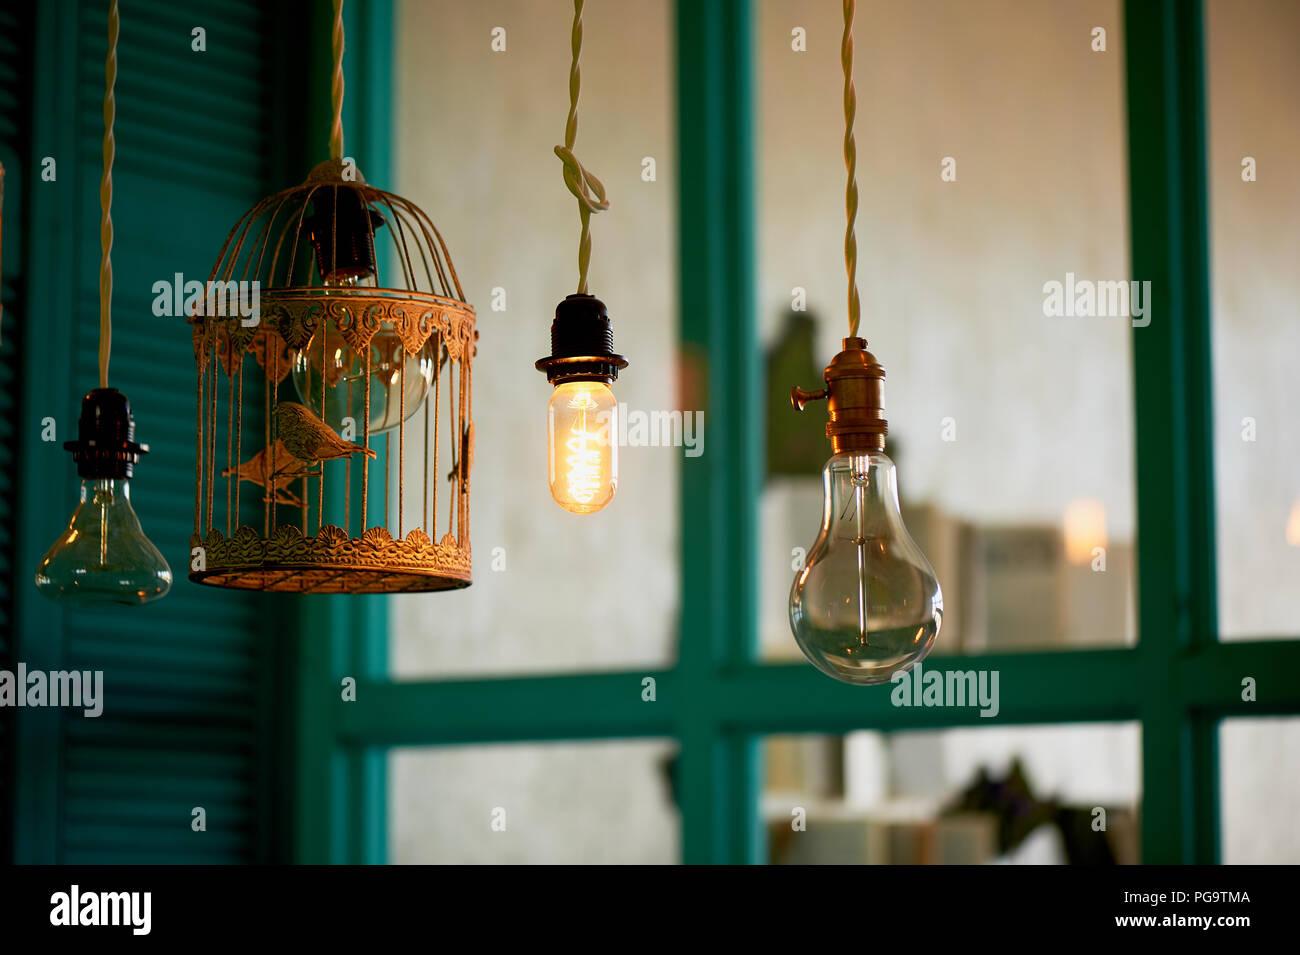 Glühlampen Erickson ausgesetzt mit der Zellen mit der Dekoration Vogel. Gelb, warmes Licht Stockbild